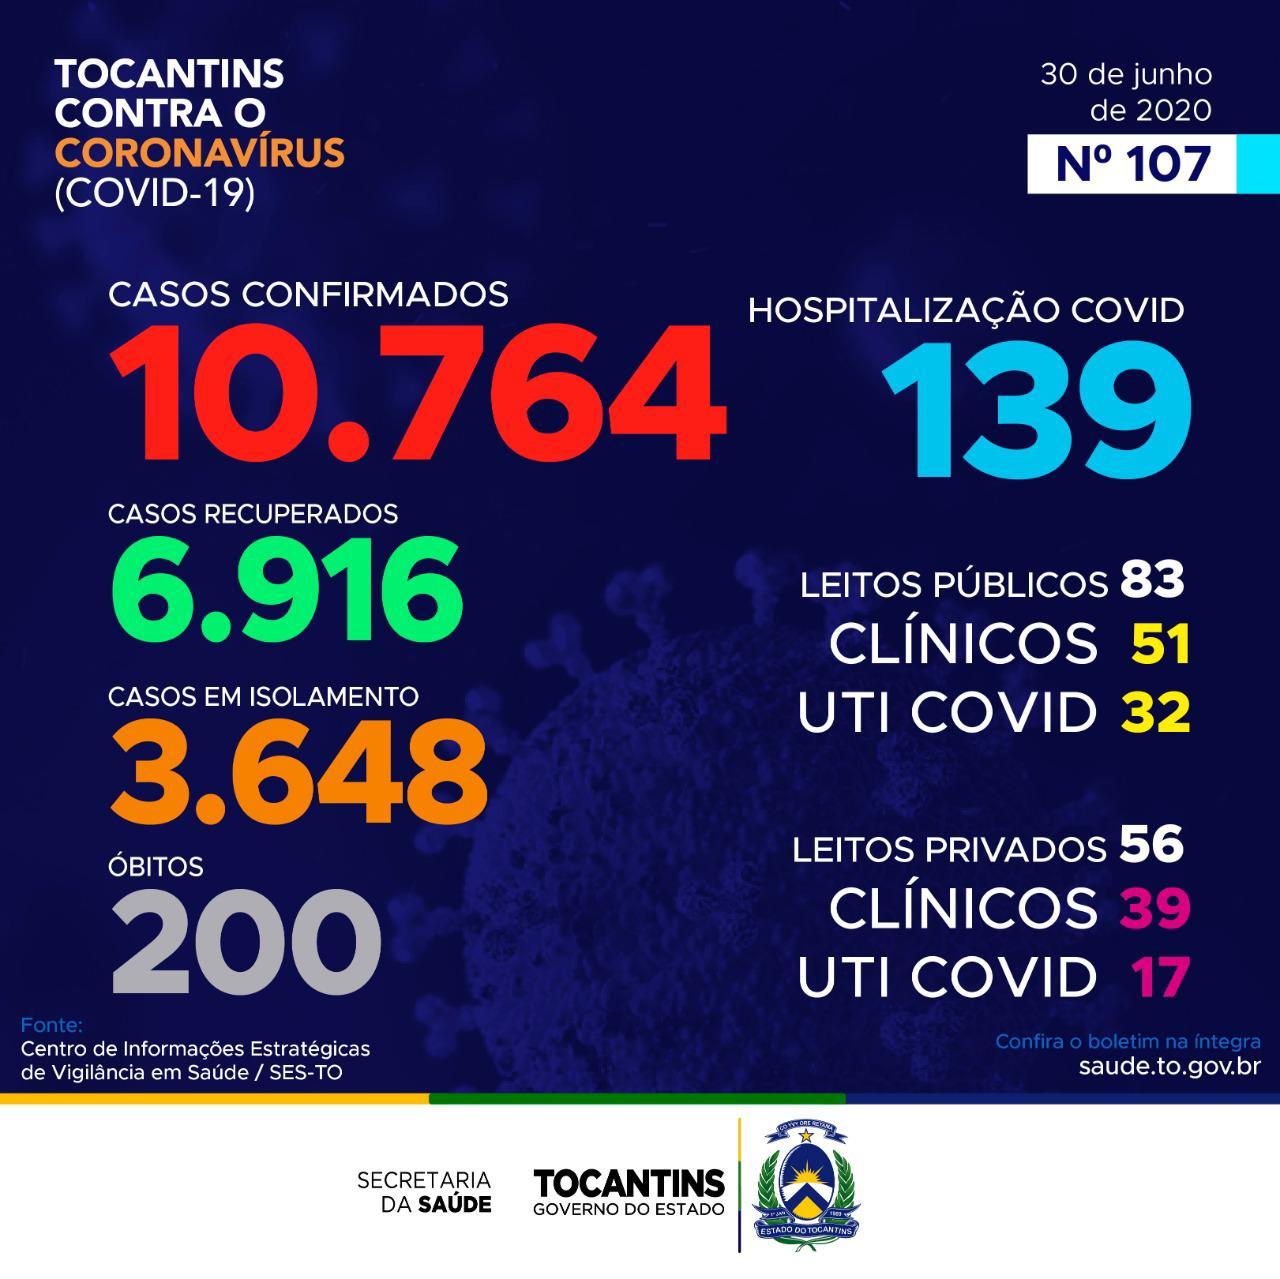 Coronavírus: Hoje o Tocantins registra mais de 400 novos casos